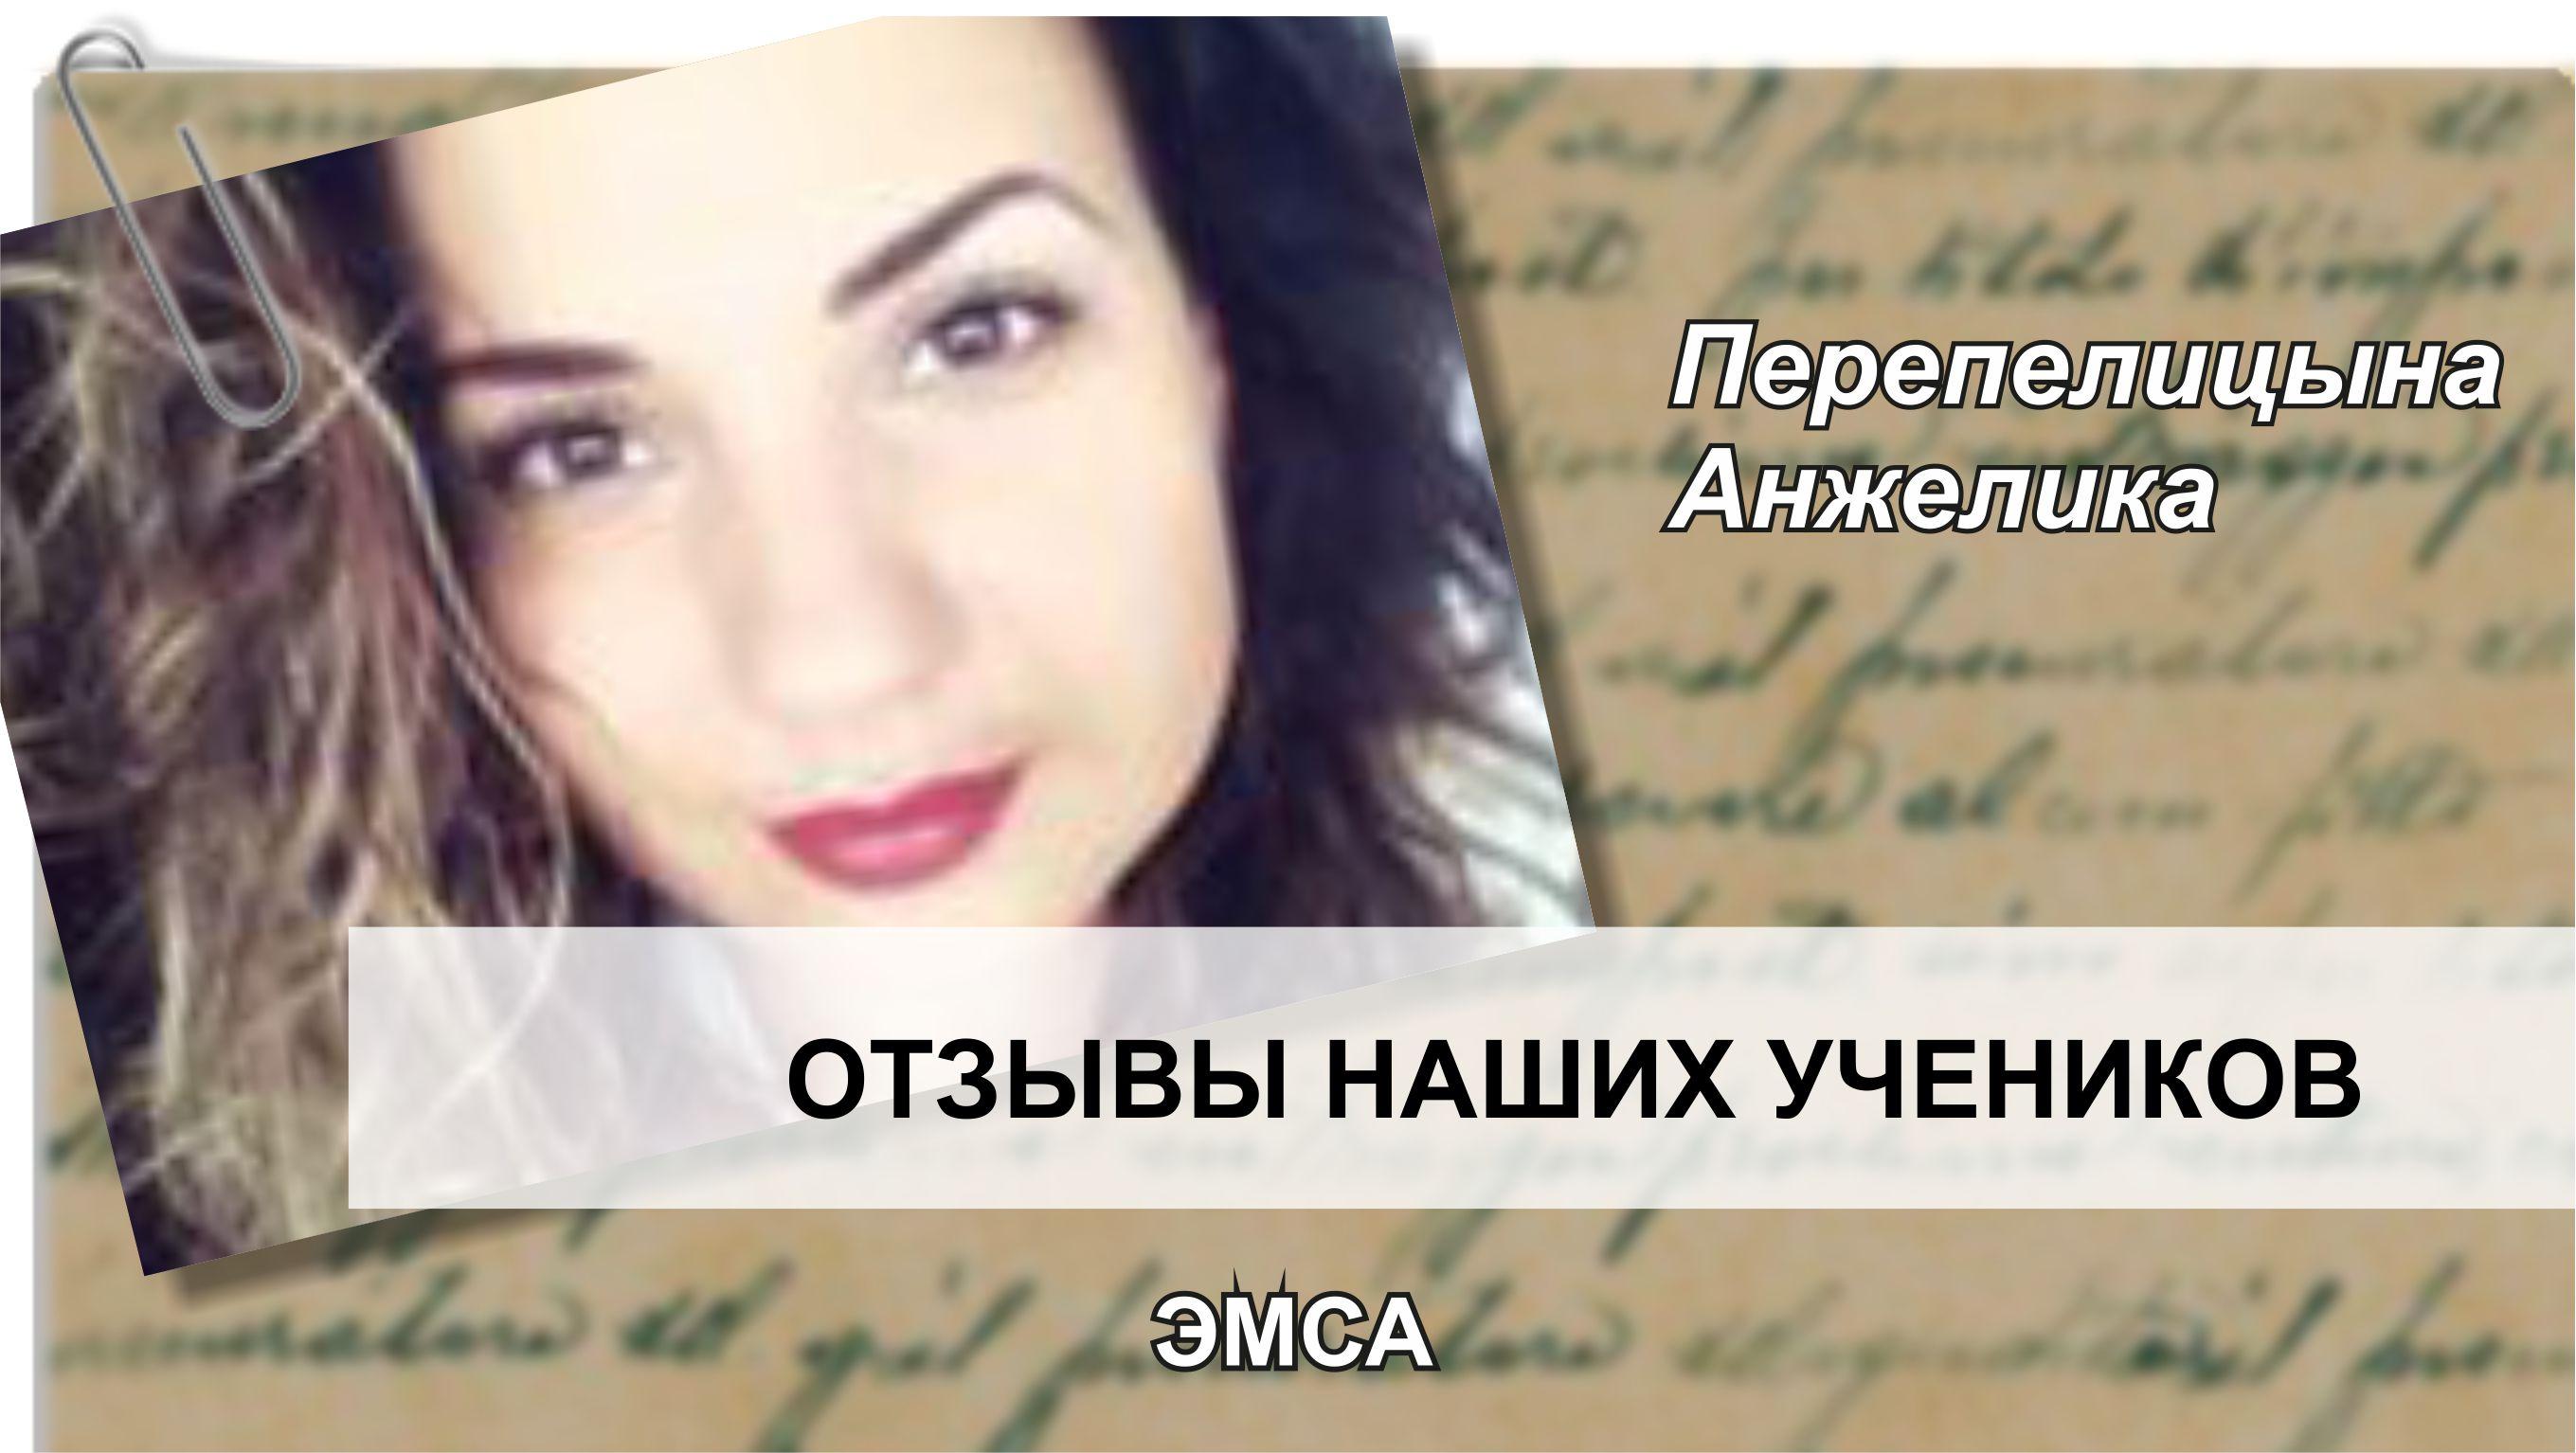 Перепелицына Анжелика делится впечатлениями после обучения в РШТ